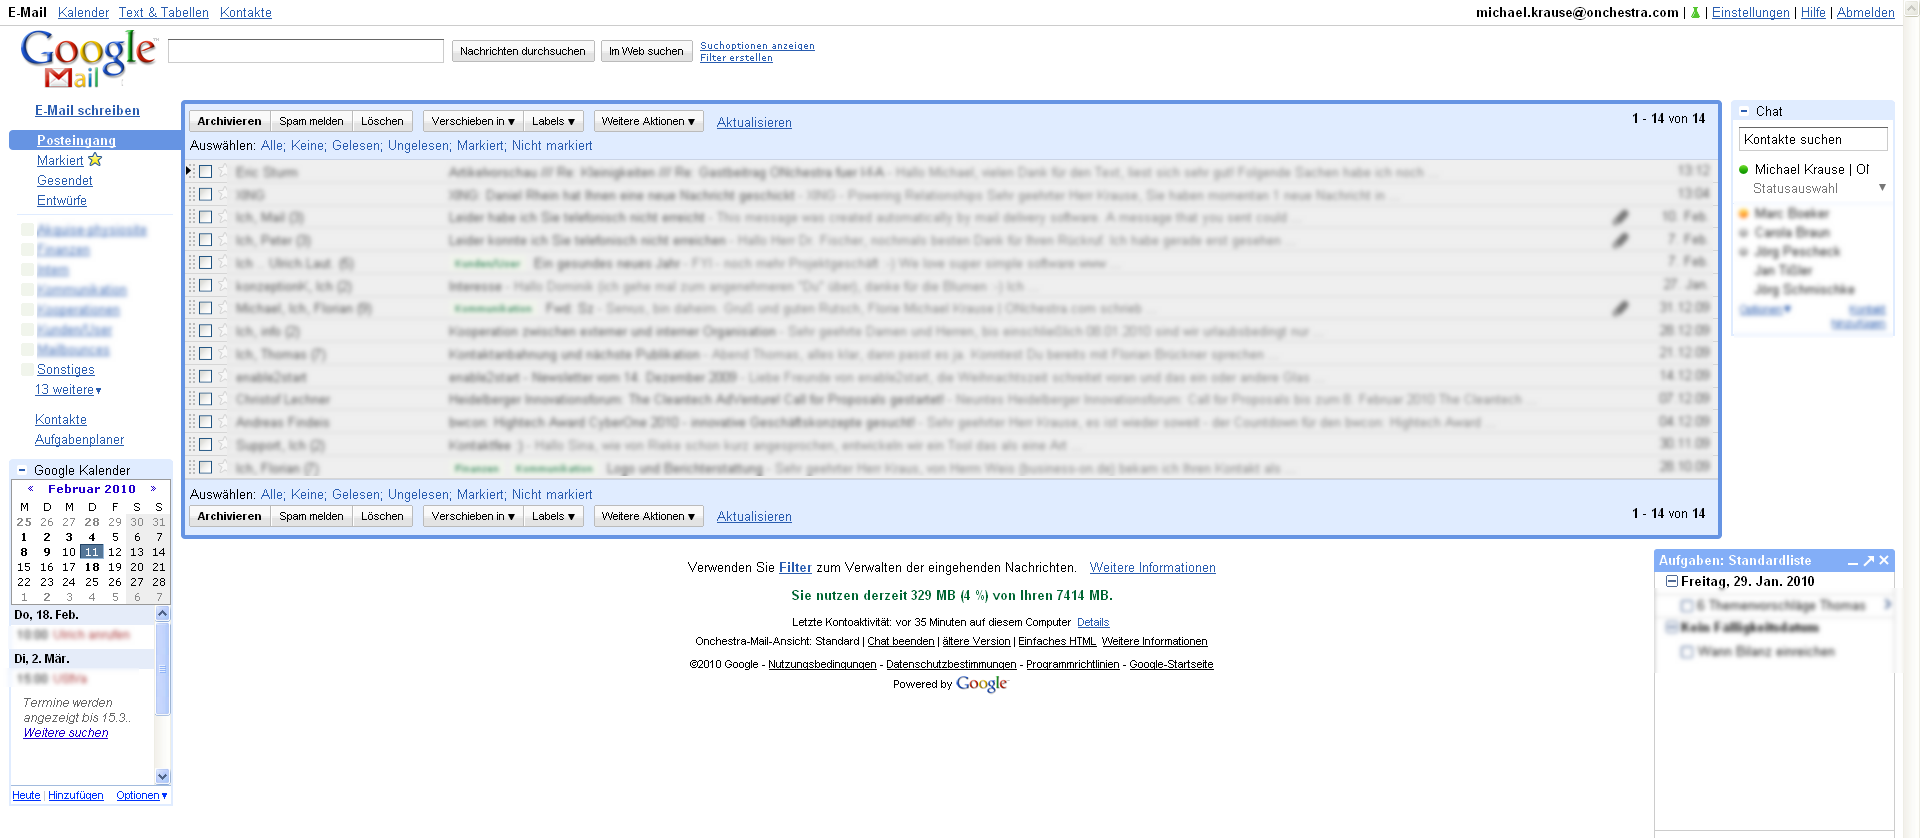 E-Mail, webbasiert: Die Oberfläche von Google Mail